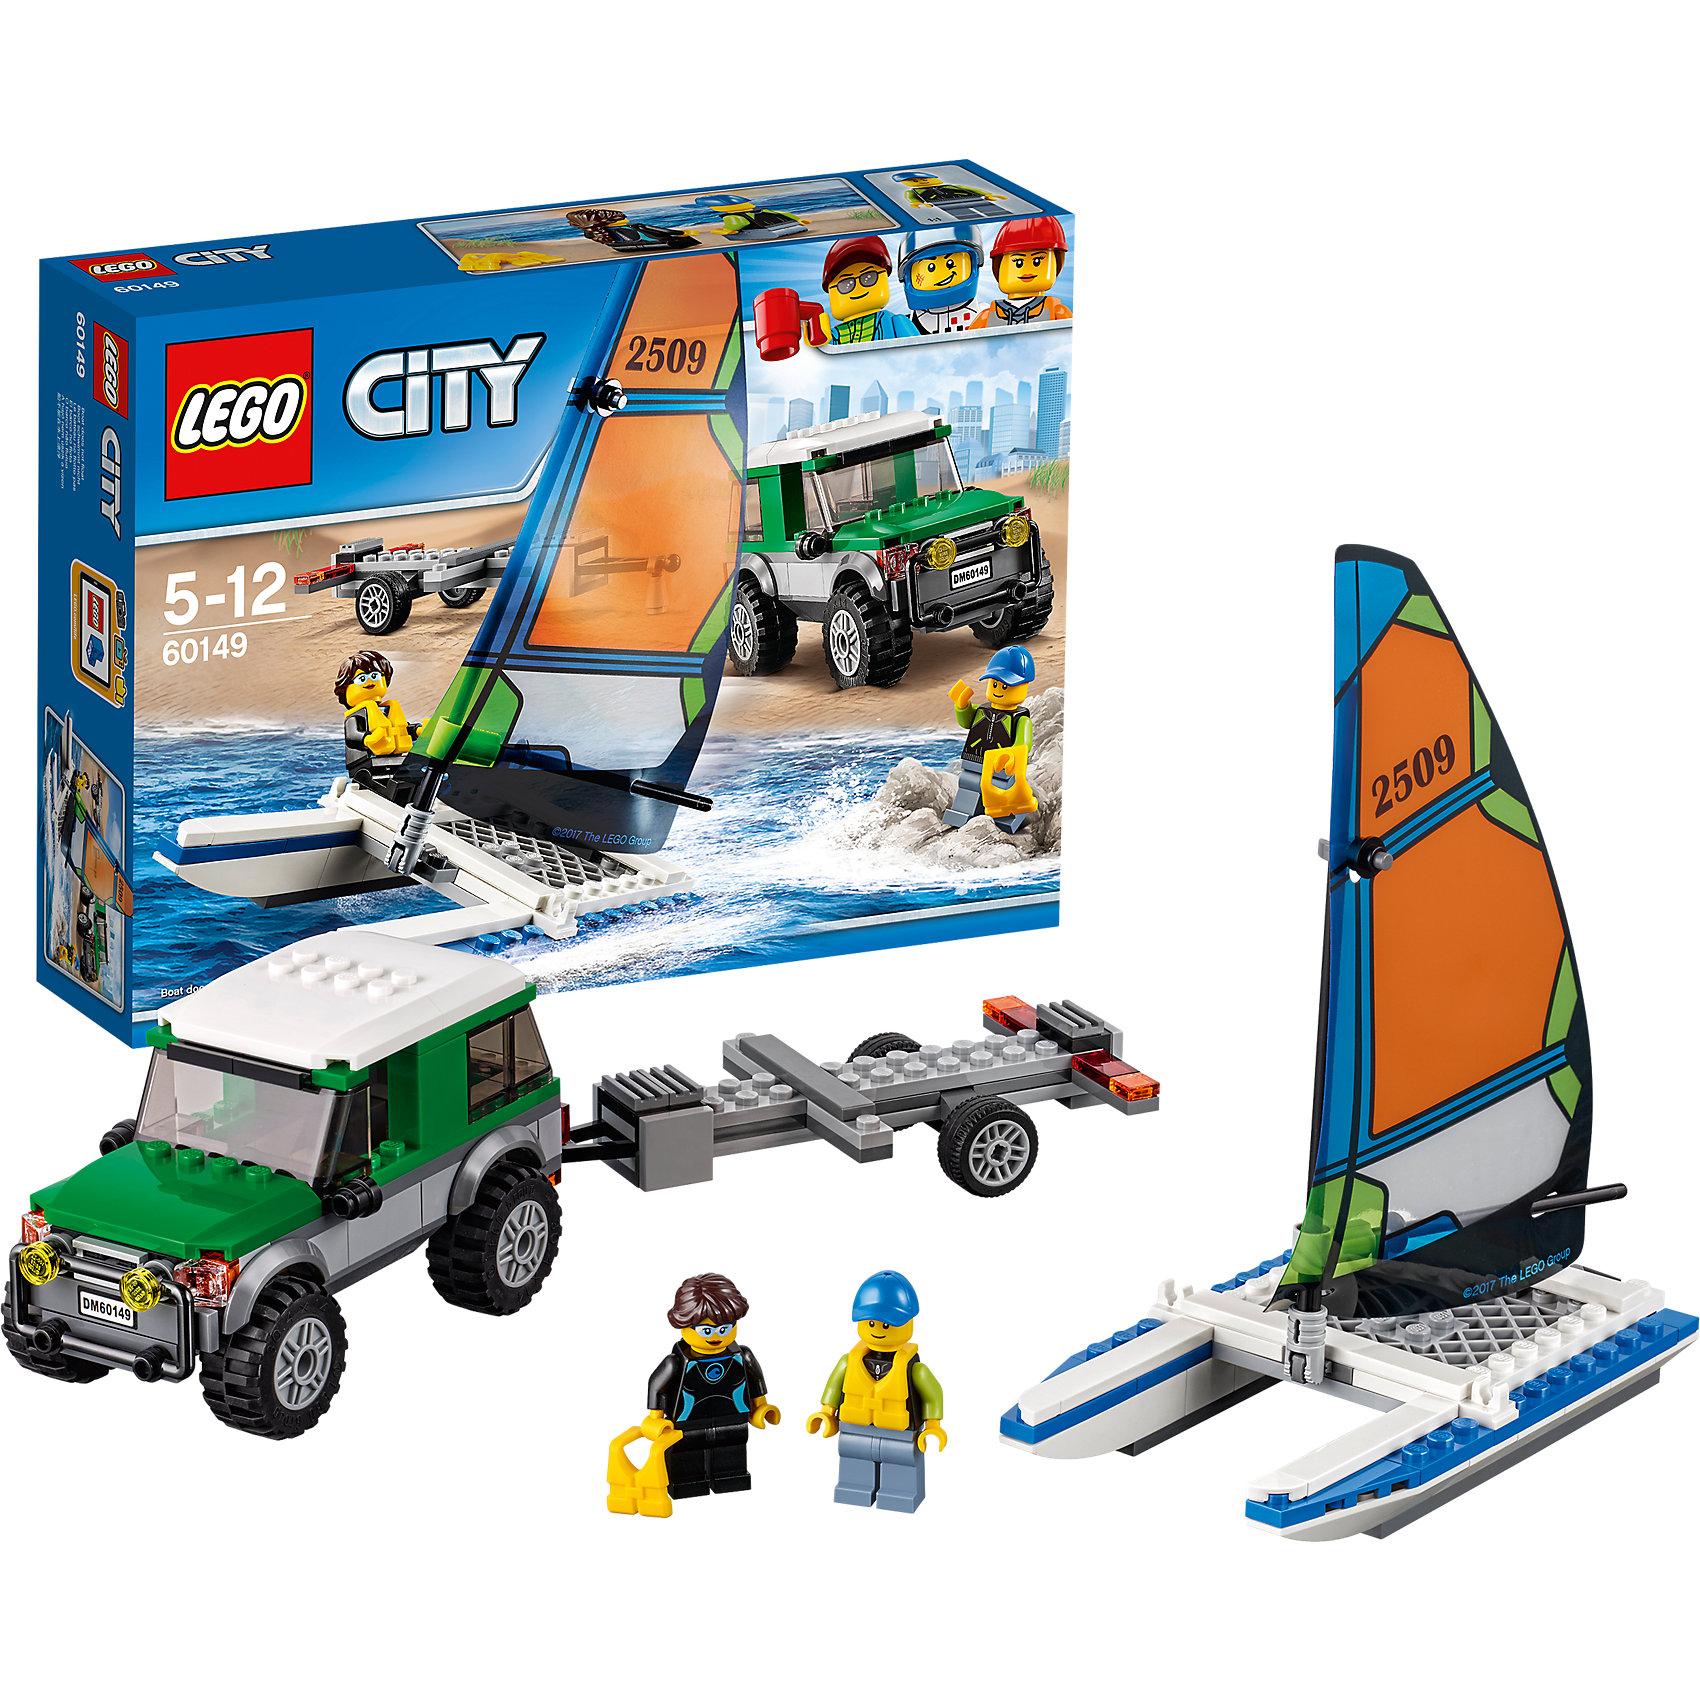 LEGO City 60149: Внедорожник с прицепом для катамаранаLEGO City 60149: Внедорожник с прицепом для катамарана<br><br>Характеристики:<br><br>- в набор входит: детали внедорожника с прицепом, катамаран, наклейки для оформления, 2 минифигурки, аксессуары, инструкция<br>- состав: пластик<br>- количество деталей: 198<br>- приблизительное время сборки: 40 минут<br>- размер коробки: 19 * 7 * 26 см.<br>- размер внедорожника: 12 * 5 * 7 см.<br>- размер катамарана: 14 * 8 * 18 см.<br>- для детей в возрасте: от 5 до 12 лет<br>- Страна производитель: Дания/Китай/Чехия<br><br>Легендарный конструктор LEGO (ЛЕГО) представляет серию «City» (Сити) в виде деталей жизни большого города, в котором есть абсолютно все. Серия делает игры еще более настоящими, благодаря отличным аксессуарам. Сезон водных видов спорта открыт! Фигурки пловцов отлично детализированы и качественно прорисованы, на каждую фигурку одет спасательный жилет. Интересный катамаран с новыми деталями серии 2017 года готов взять на борт отважных искателей приключений. Мачта поднимается и опускается. Зафиксировав свой катамаран в прицепе можно отправиться на пляж в двухместном внедорожнике. Благодаря деталям крыши, капота и детальным колесам внедорожник очень похож на настоящий. Вместительный багажник поможет взять с собой все необходимое. Сразу два транспорта в одном наборе! Моделируй разные истории и ситуации в Лего Сити, а в процессе игры развивай творческие способности и претворяй свои идеи в жизнь. Этот интересный набор отлично подойдет как новичкам Лего, так и преданным фанатам и коллекционерам серии.<br><br>Конструктор LEGO City 60149: Внедорожник с прицепом для катамарана можно купить в нашем интернет-магазине.<br><br>Ширина мм: 262<br>Глубина мм: 61<br>Высота мм: 191<br>Вес г: 400<br>Возраст от месяцев: 60<br>Возраст до месяцев: 144<br>Пол: Мужской<br>Возраст: Детский<br>SKU: 5002459